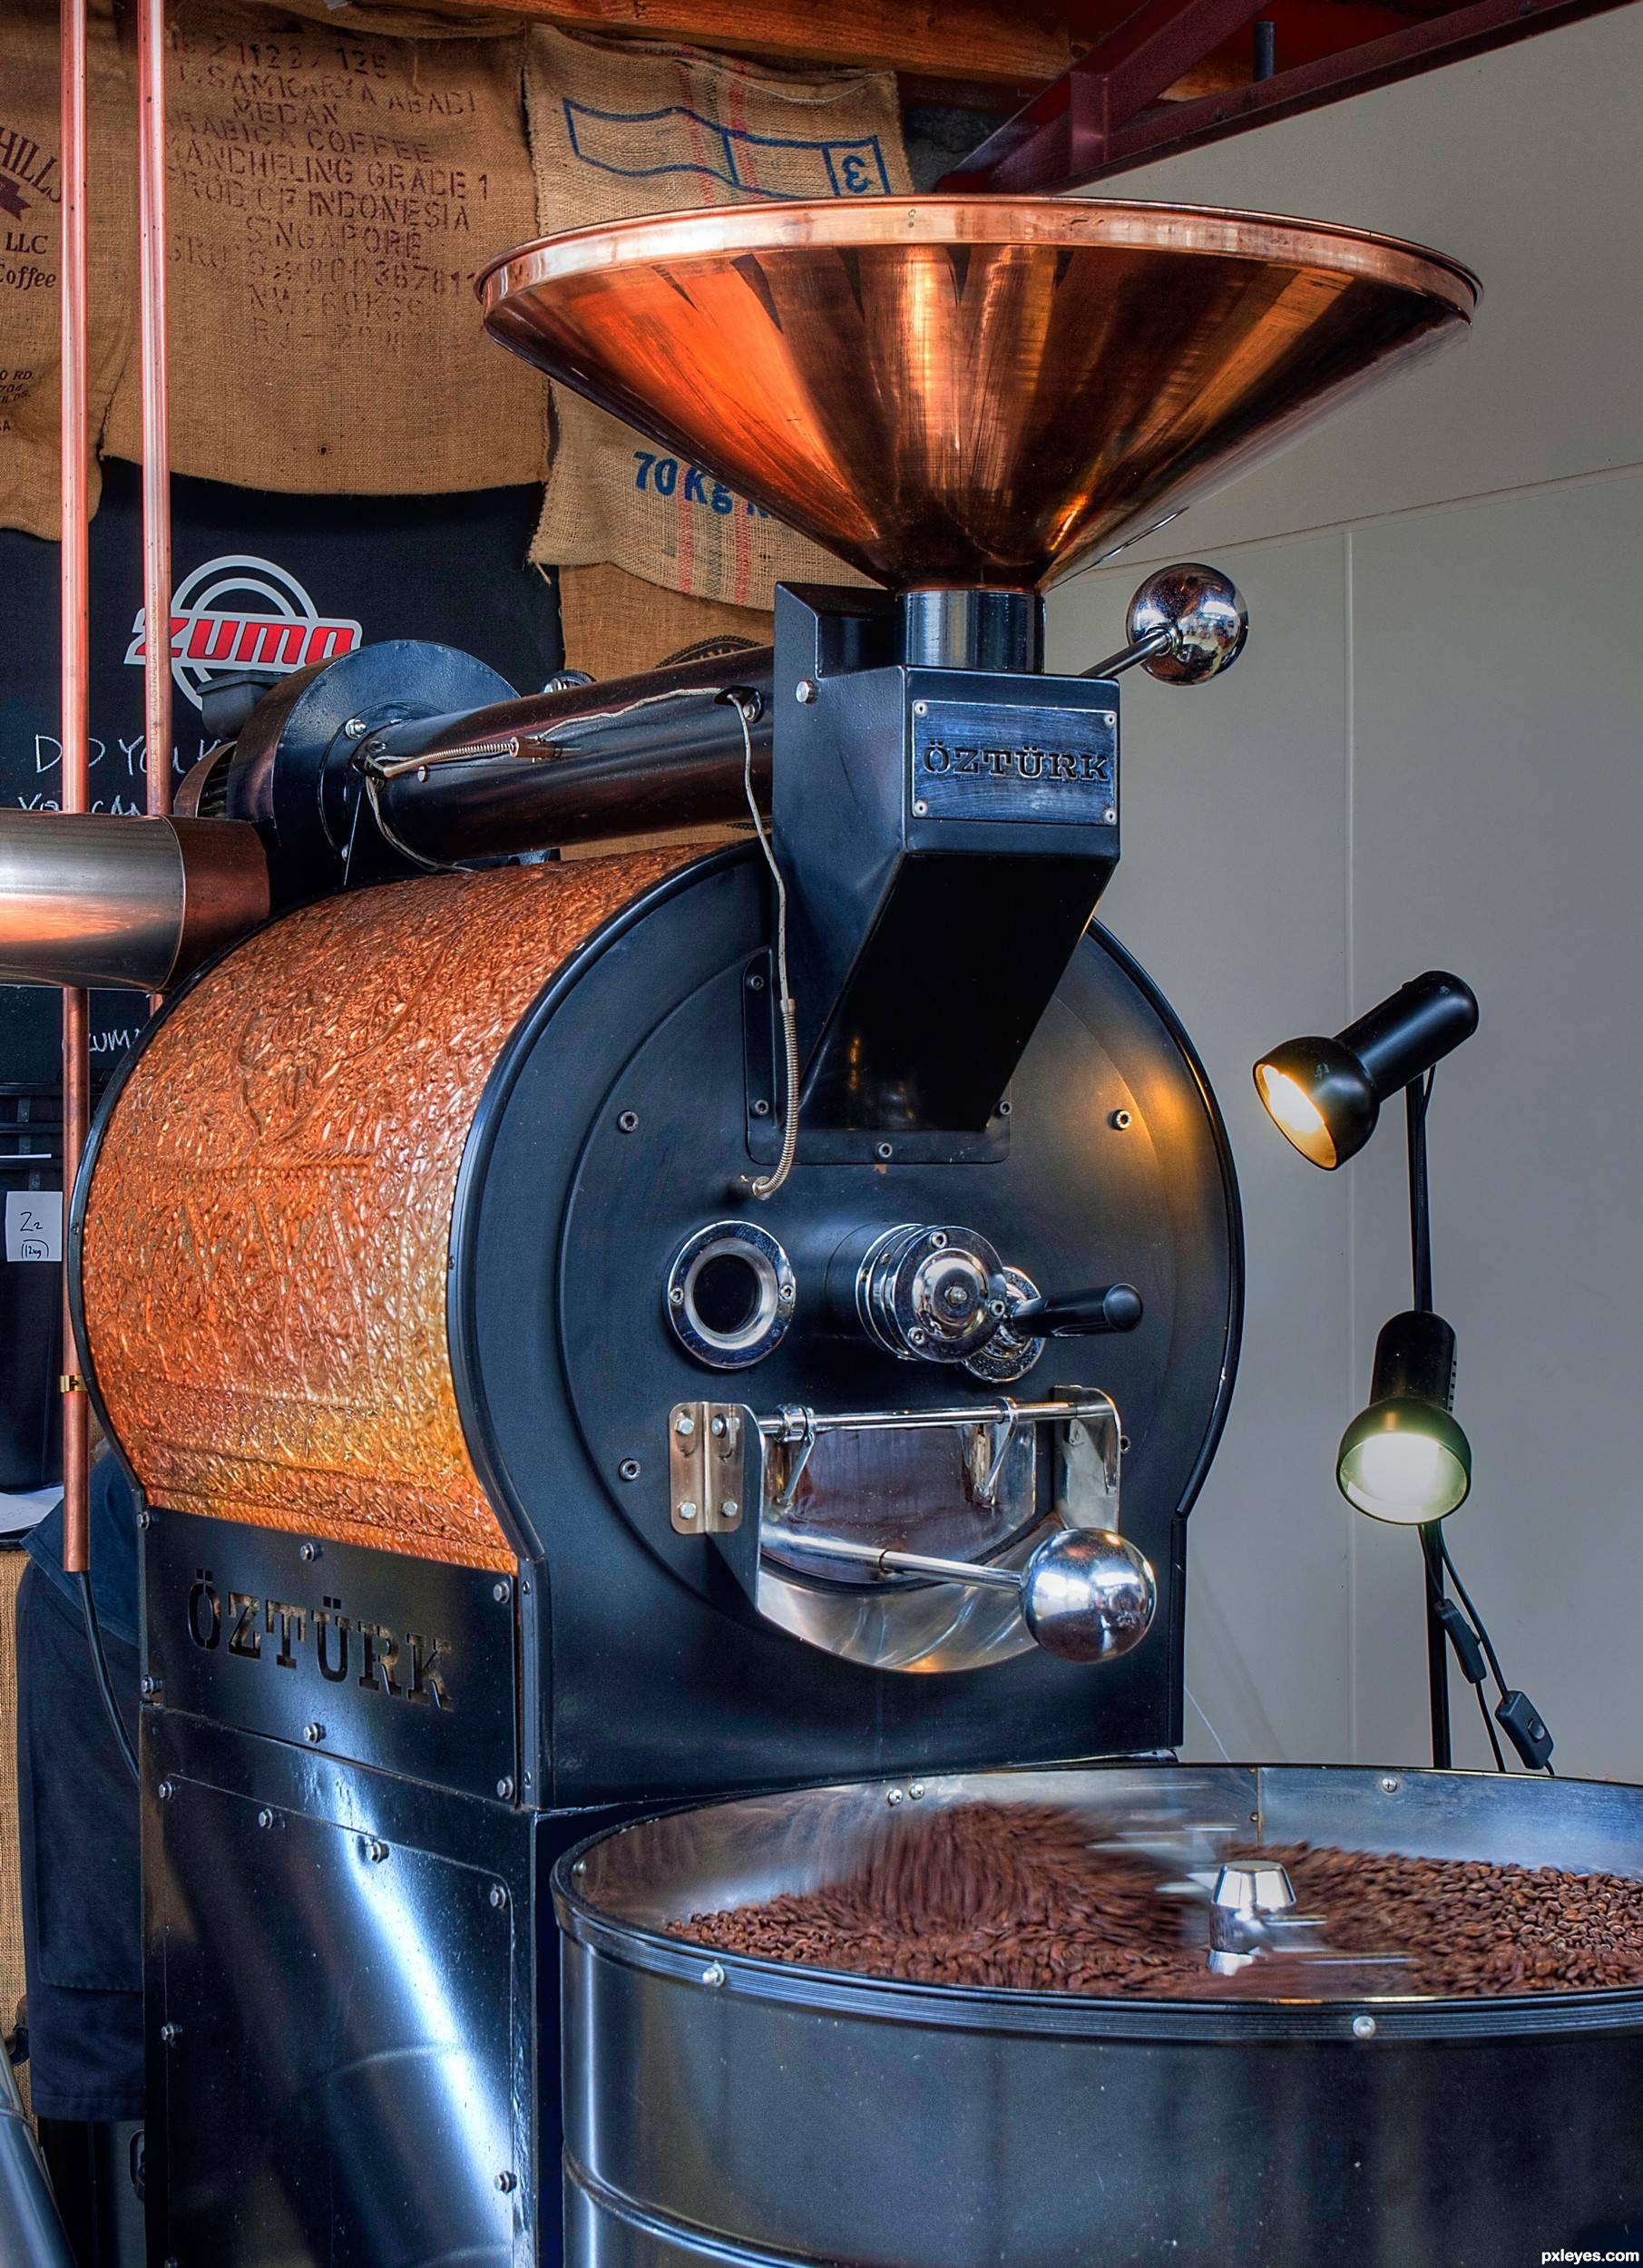 Обжарка кофе: виды, степень обжарки и влияние на вкус кофе